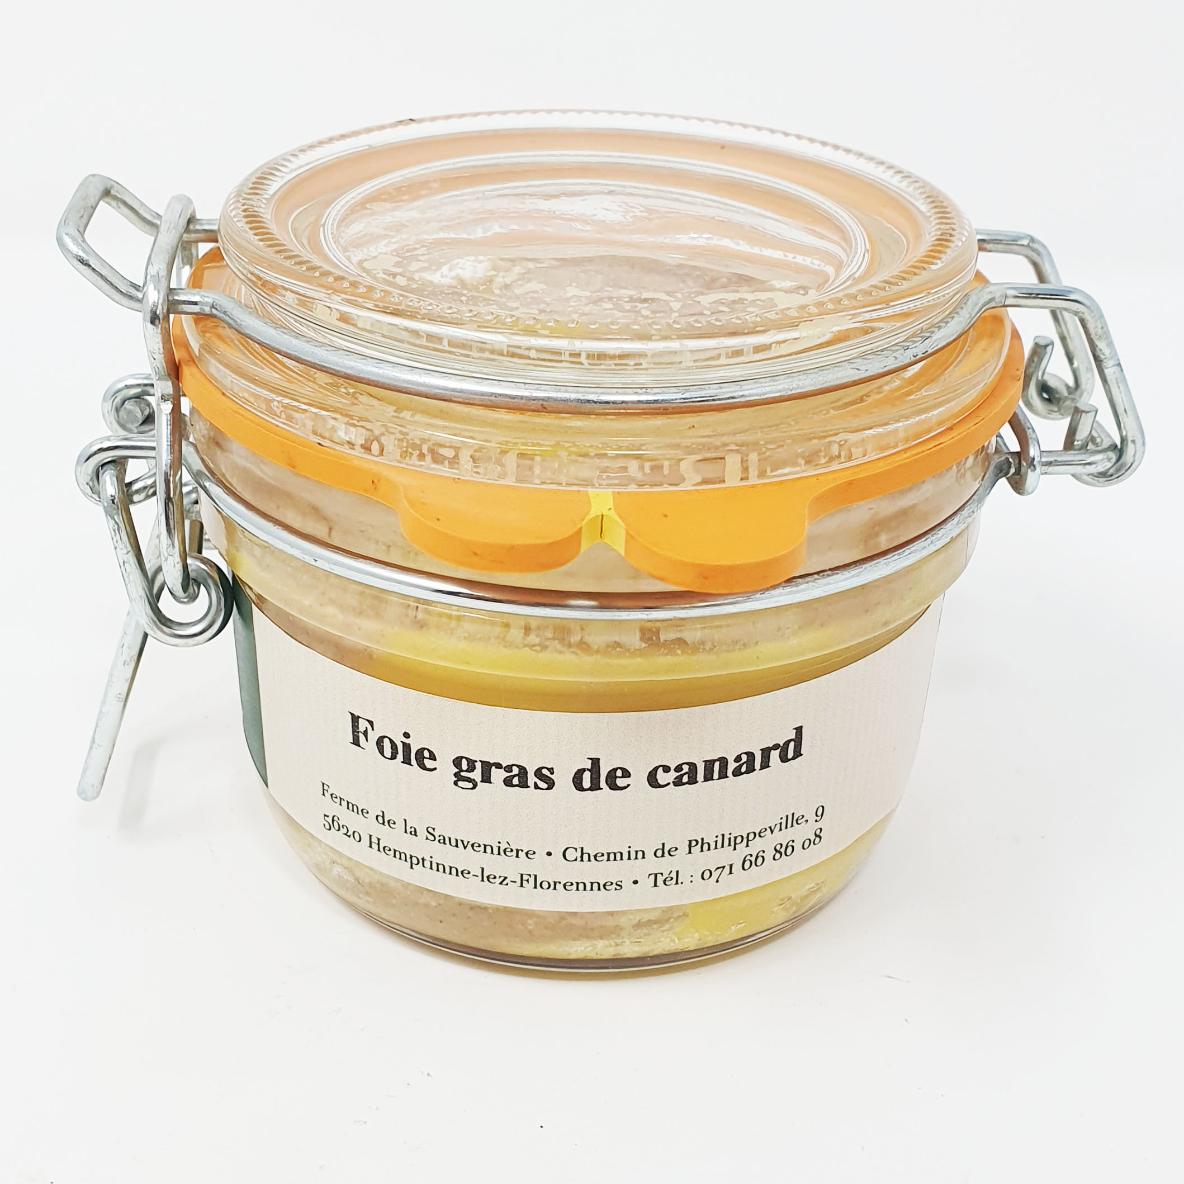 Foie gras entier verrine 130g